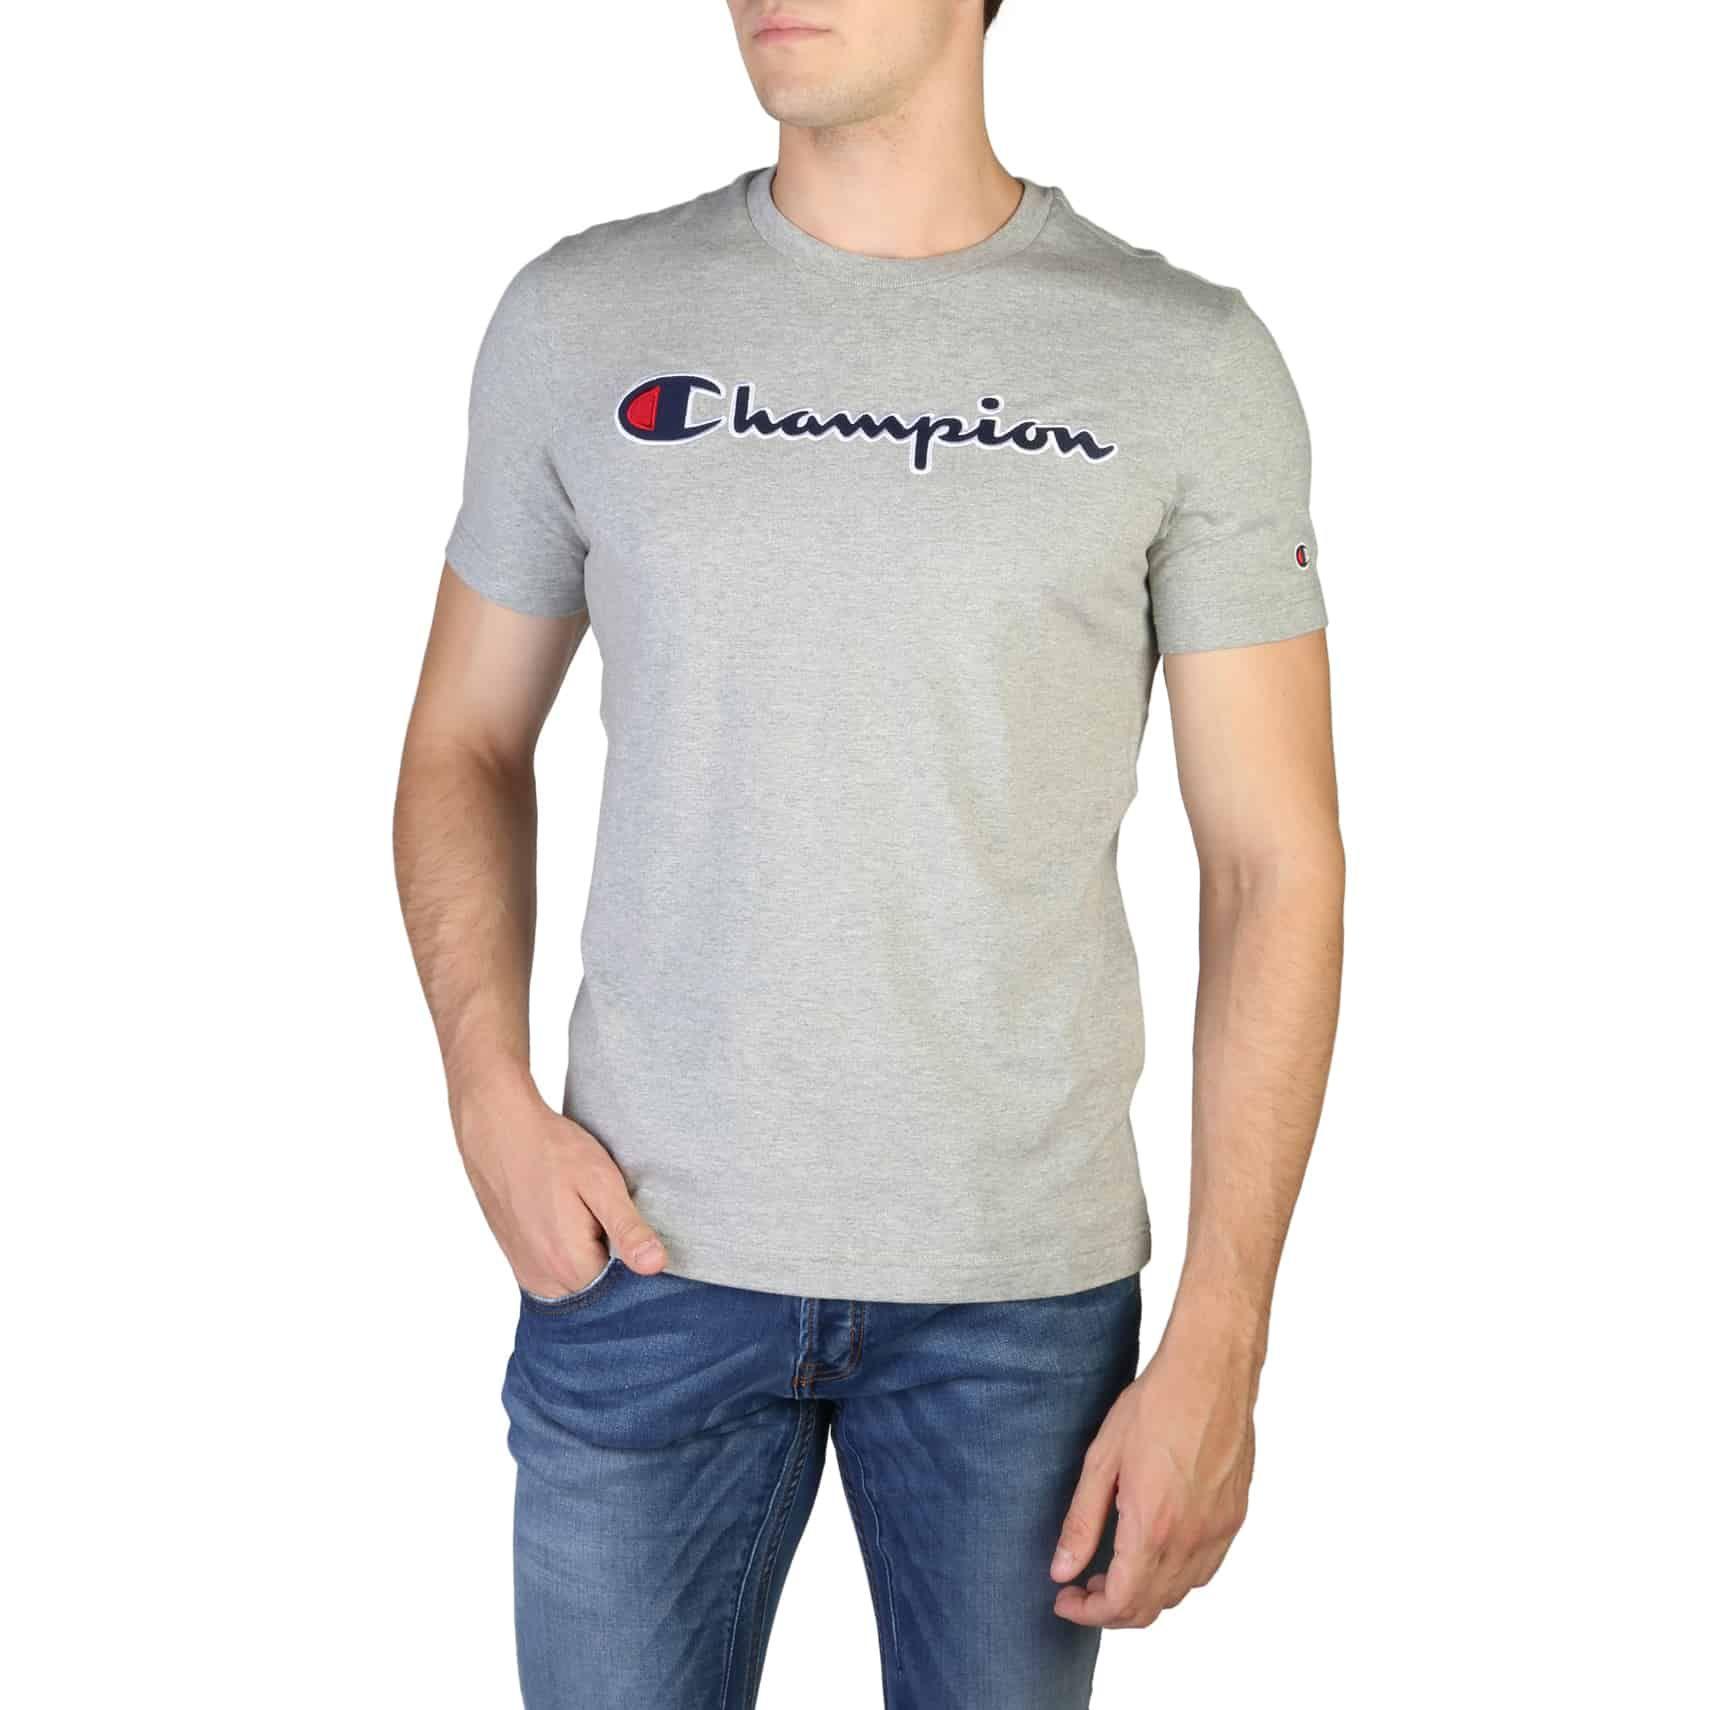 Champion – 214726